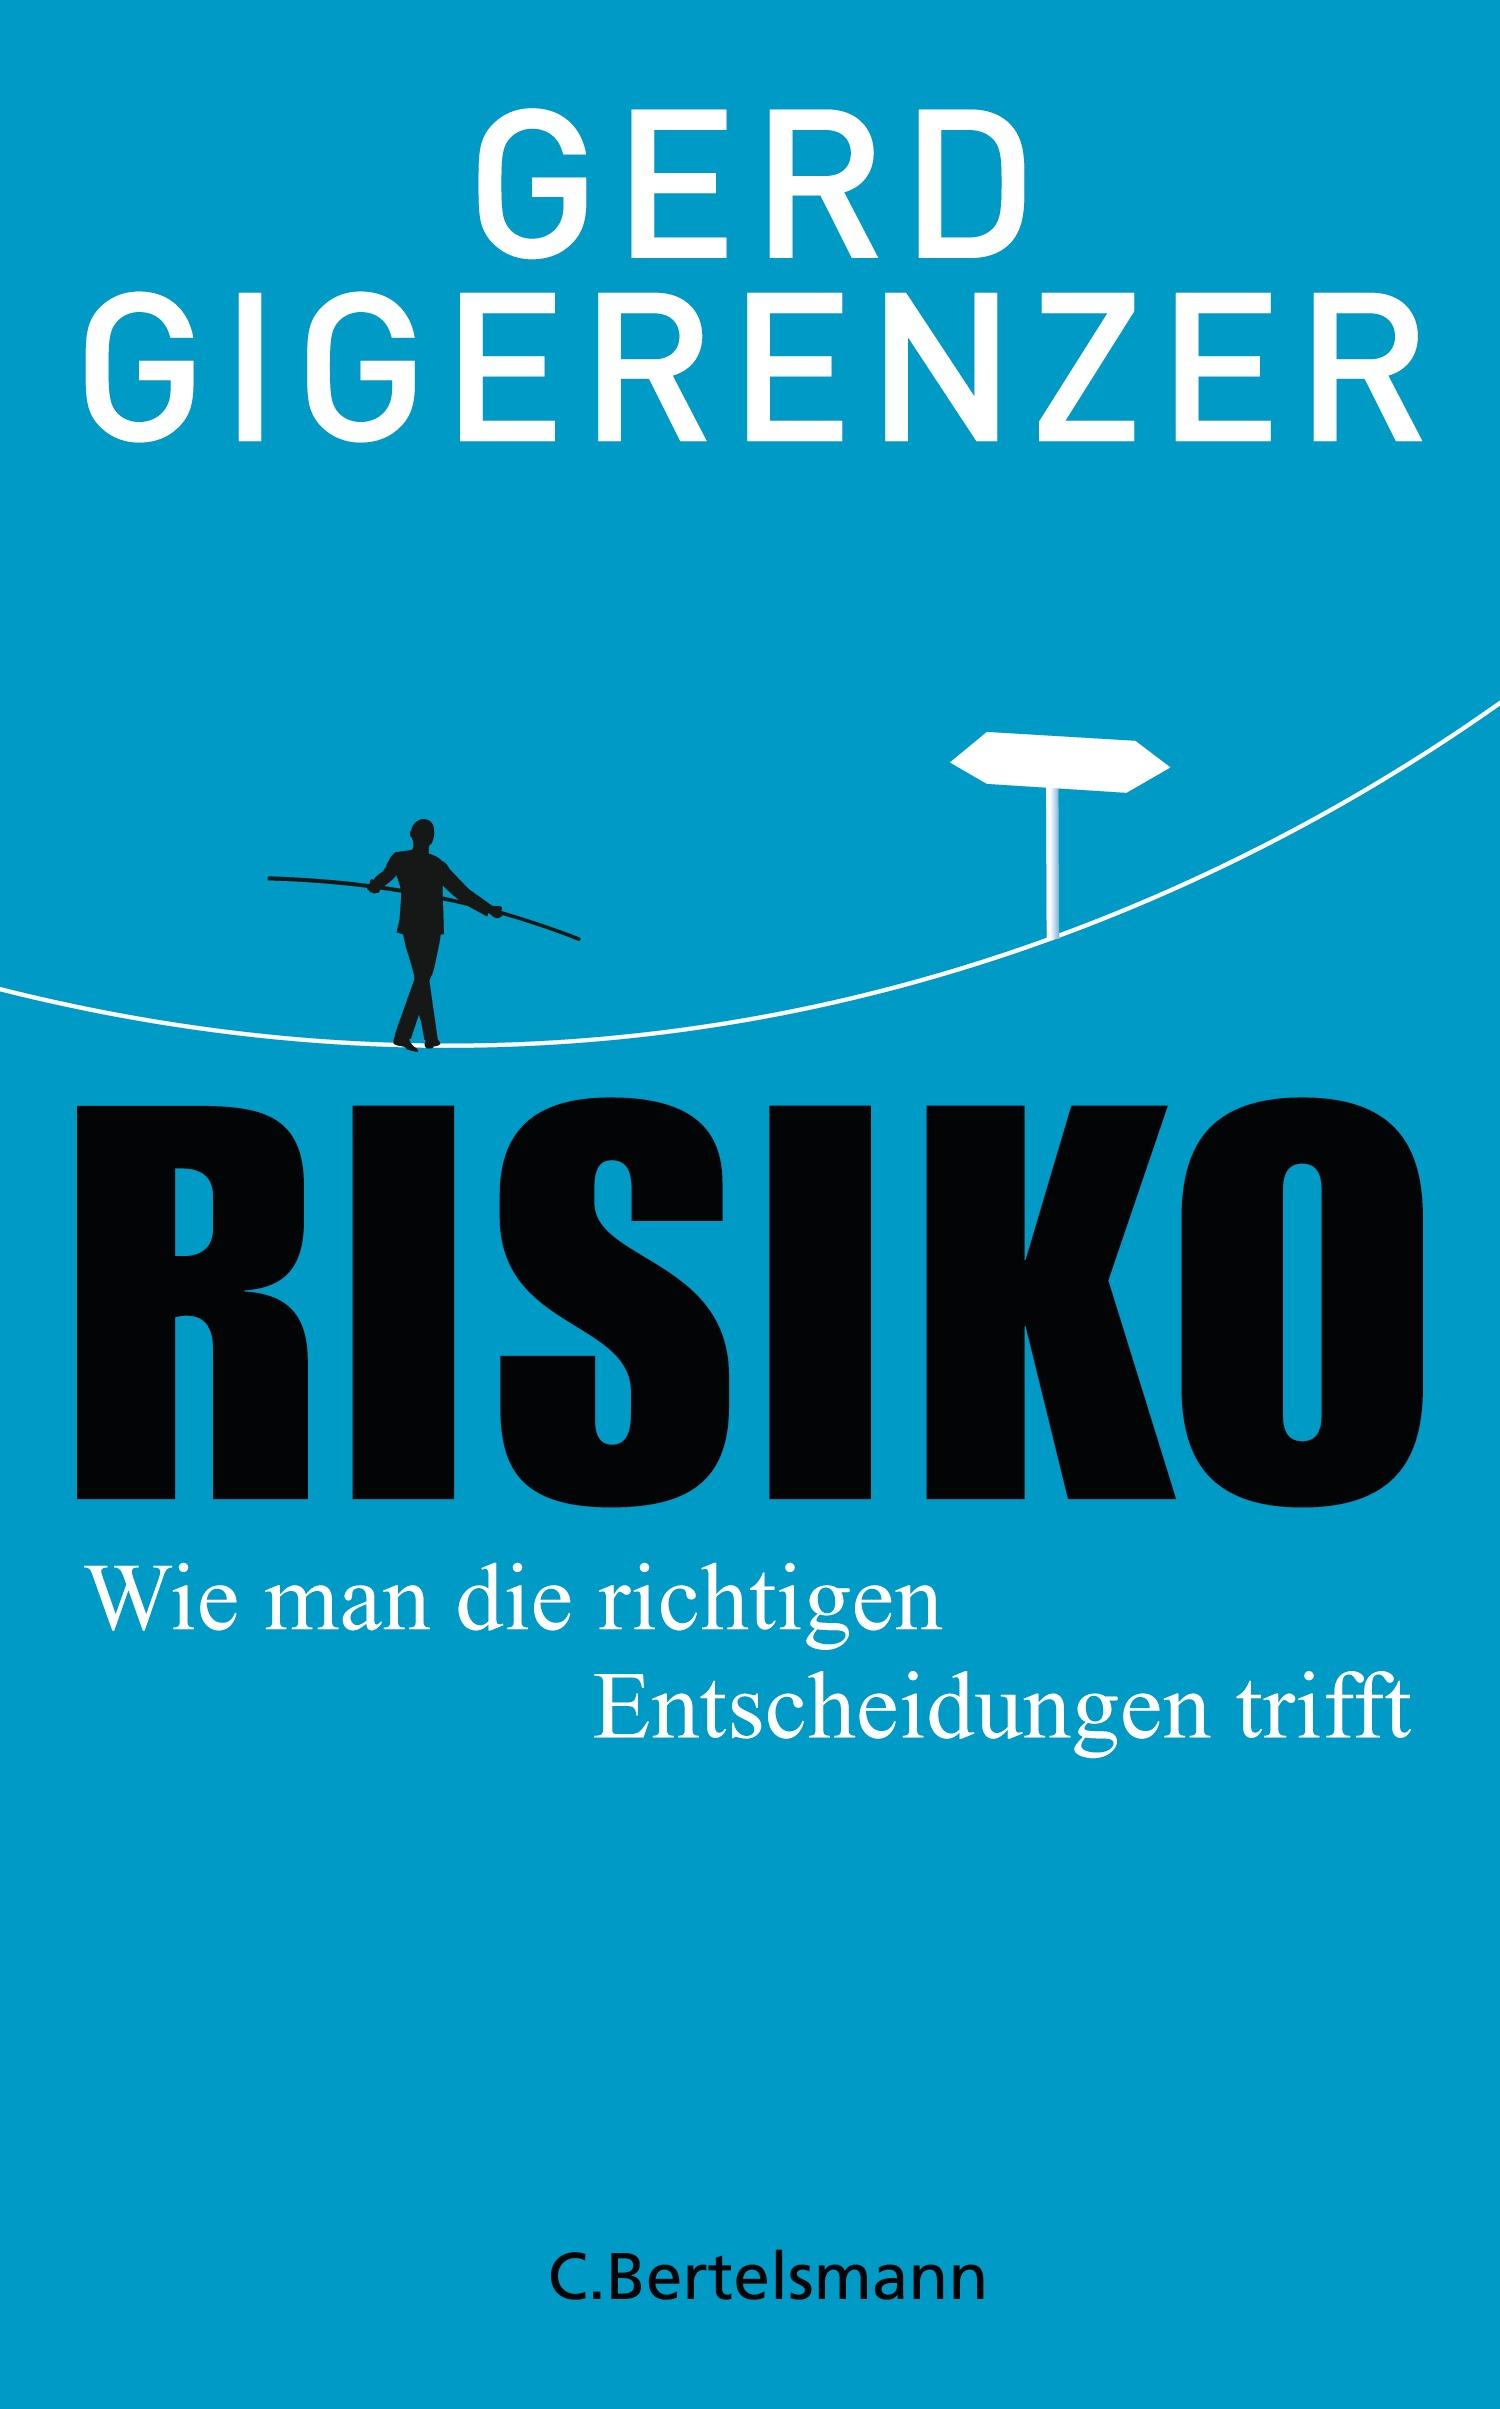 Risiko: Wie man die richtigen Entscheidungen trifft - Gigerenzer, Gerd